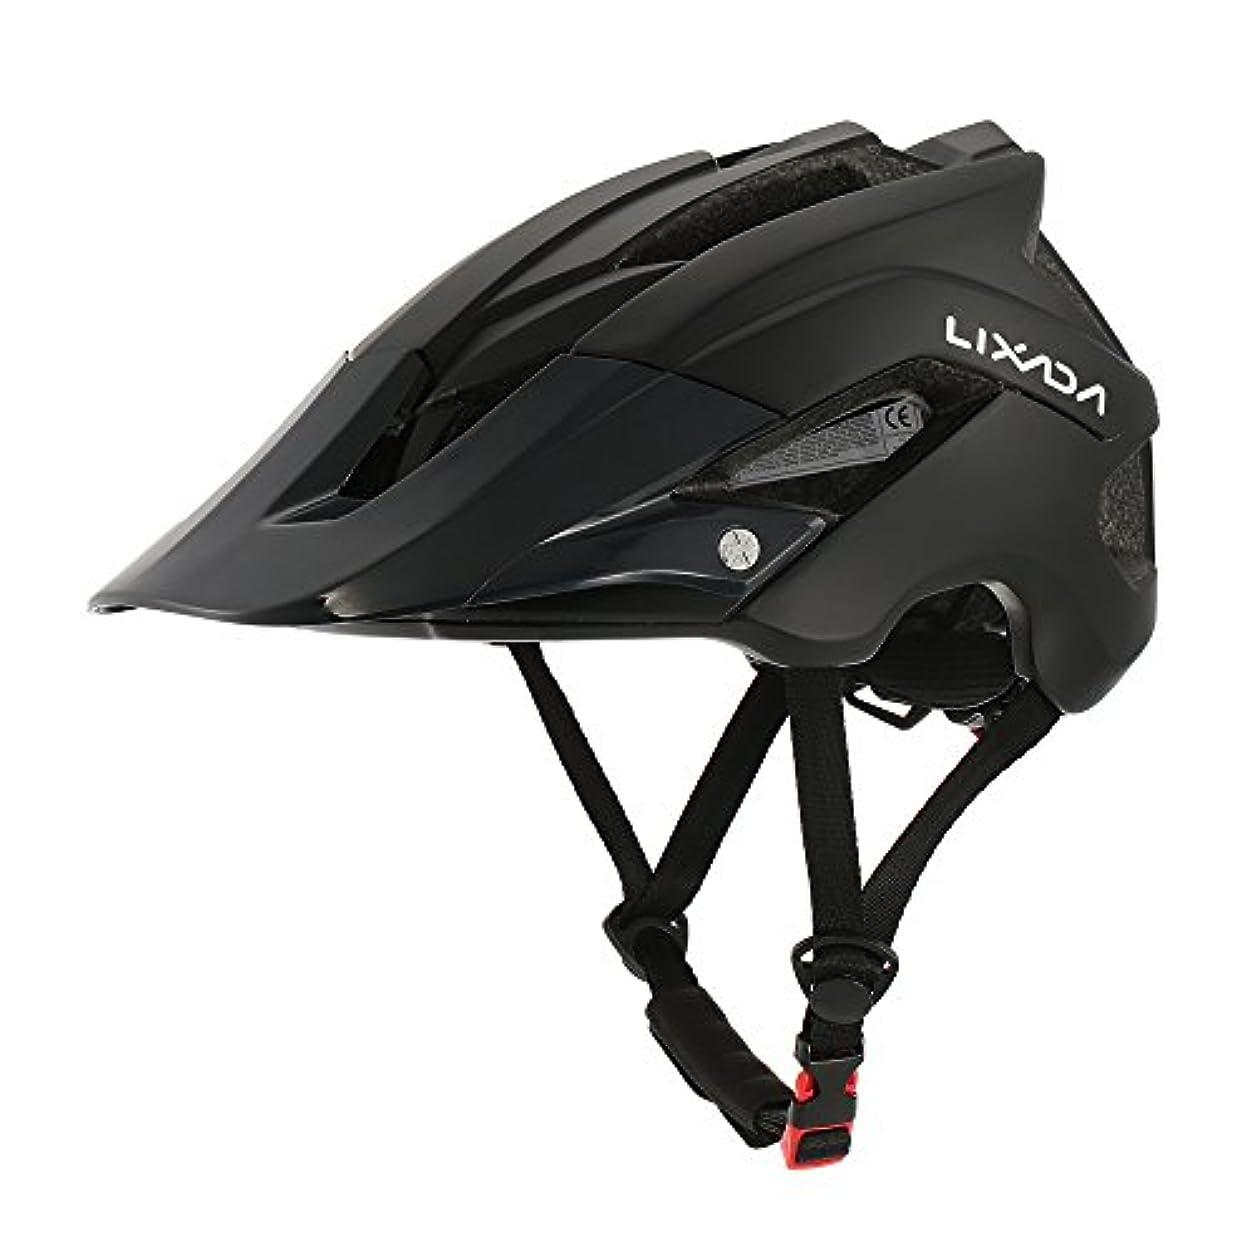 バブル減少パーセントLIXADA 自転車 ヘルメット ロードバイク 超軽量 高剛性 サイクリング 男女兼用 サイズ調整